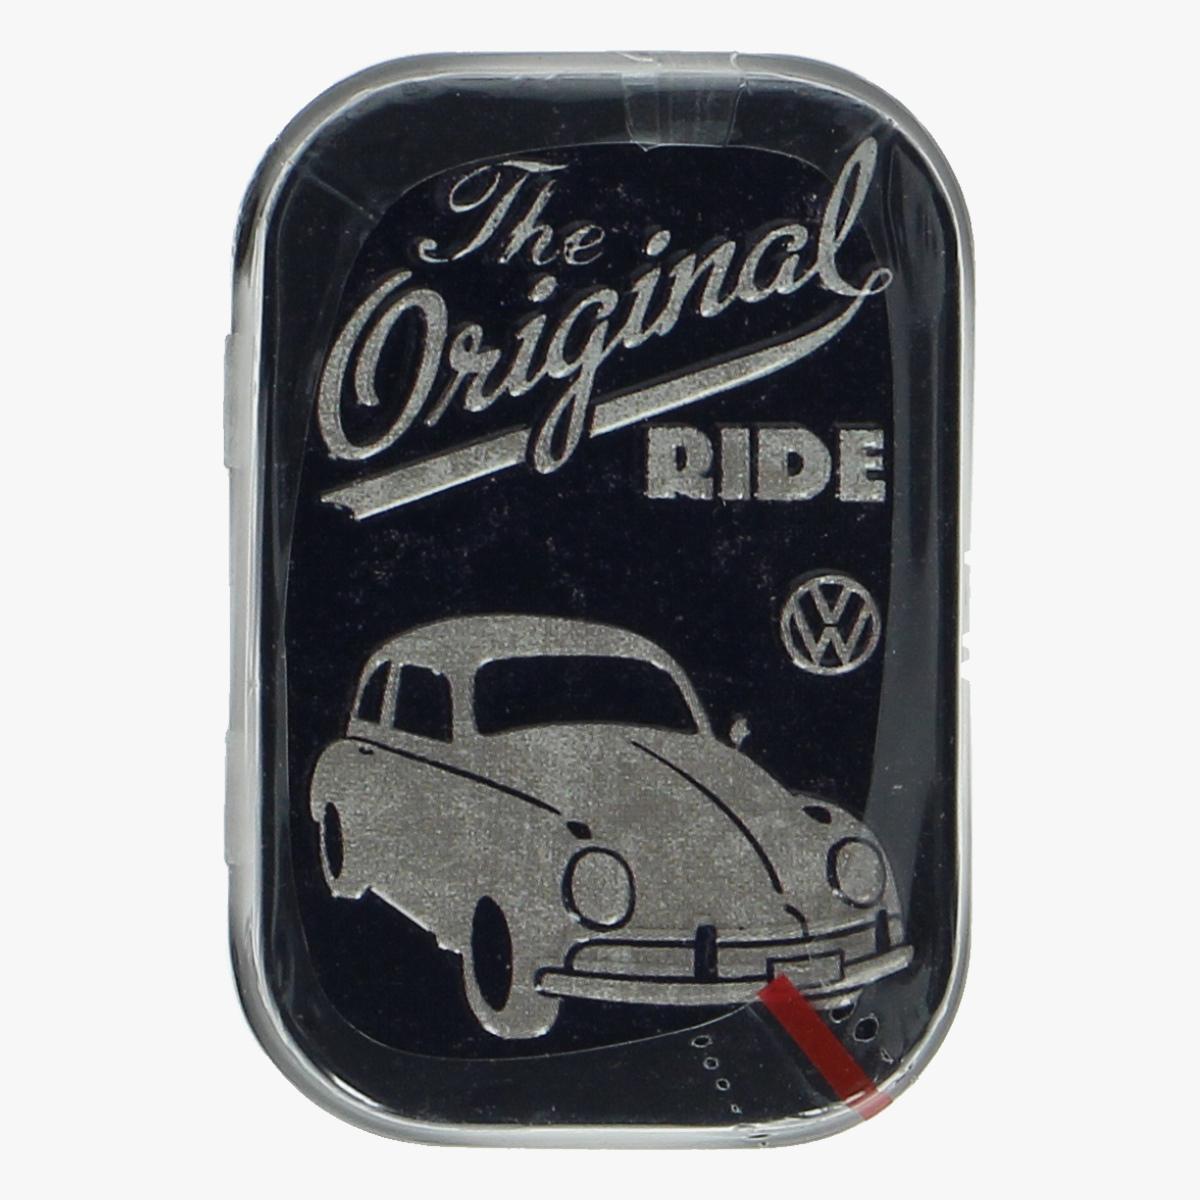 Afbeeldingen van blikken doosje mint snoepjes volkswagen kever the original ride